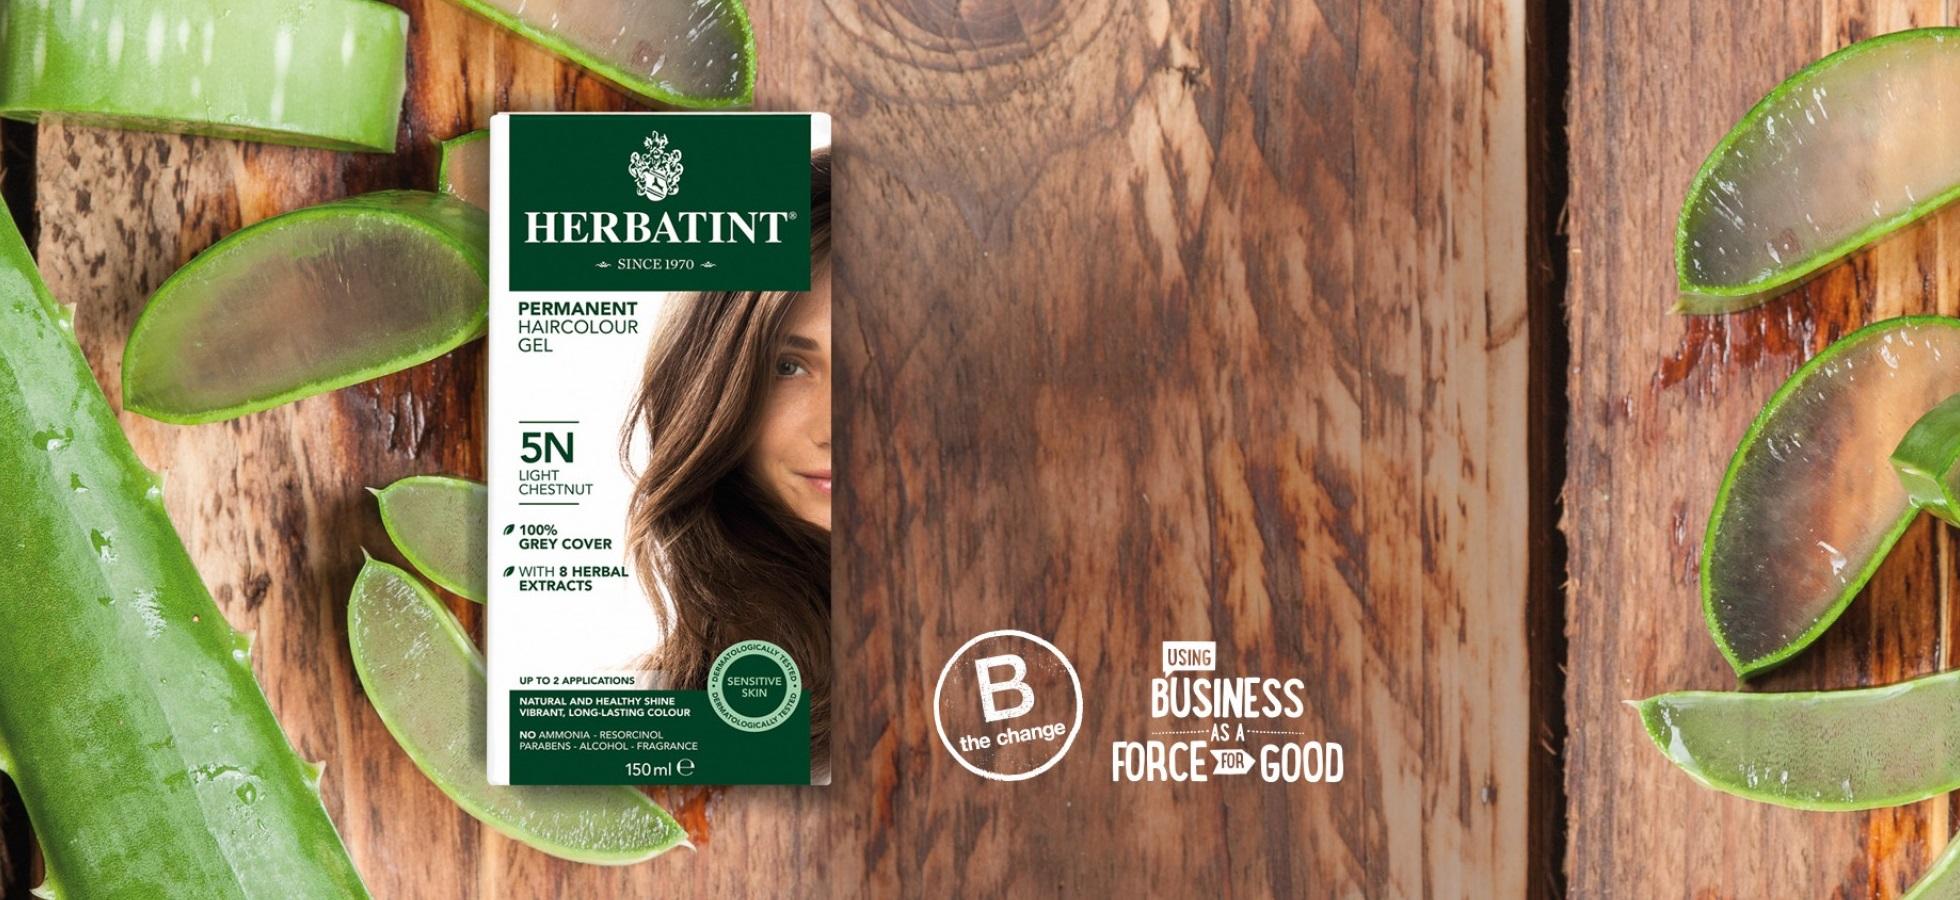 BUY Organic and Natural Hair Coloring, Liquid Soap, Shampoo, Lotion, Sunscreens, Moisturizer, online at LOTUSmart (HK) Hong Kong